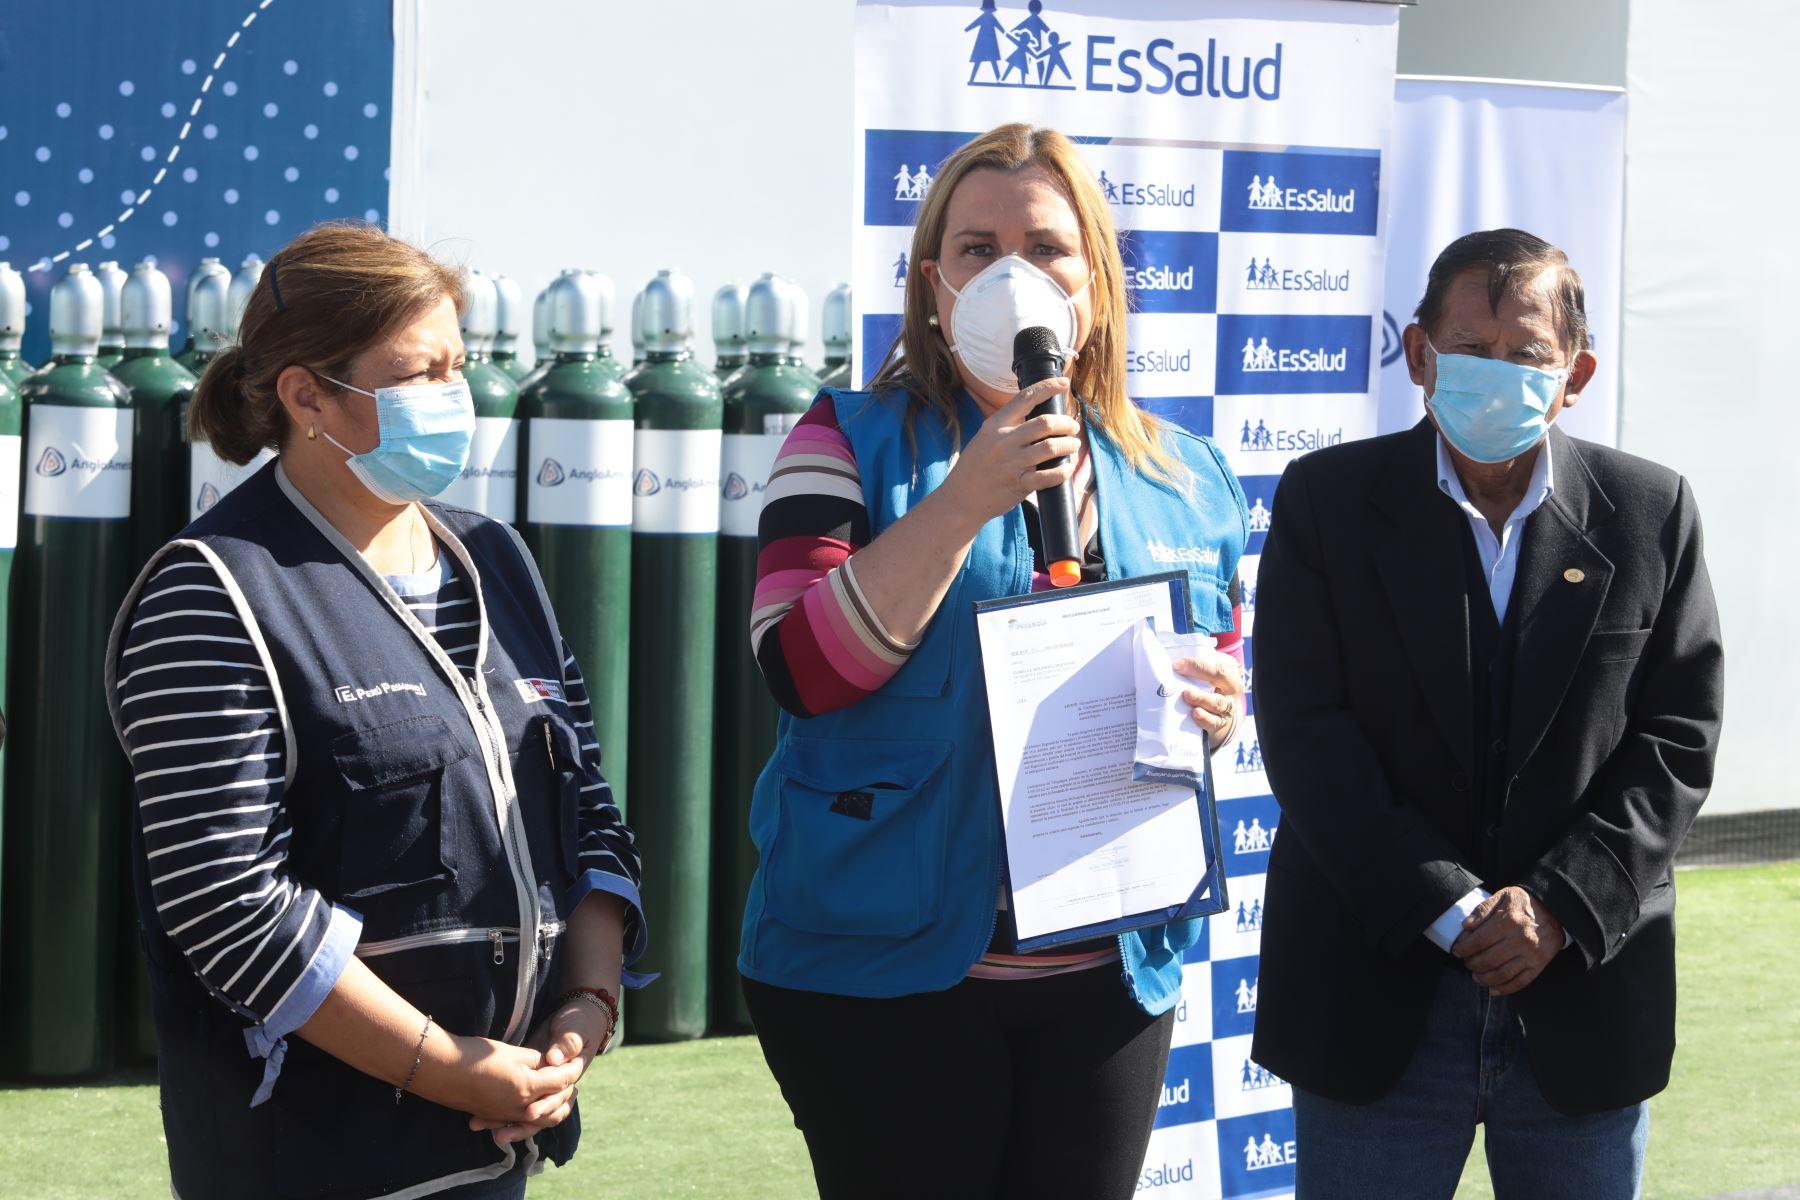 Presidenta ejecutiva de EsSalud, Fiorella Molinelli, se reunió con el padre Edilberto Martínez, quién gestionó con la empresa privada y representantes de la sociedad civil, una importante donación de 115 balones de oxígeno que serán distribuidos en los hospitales de la región Moquegua. Foto: Essalud